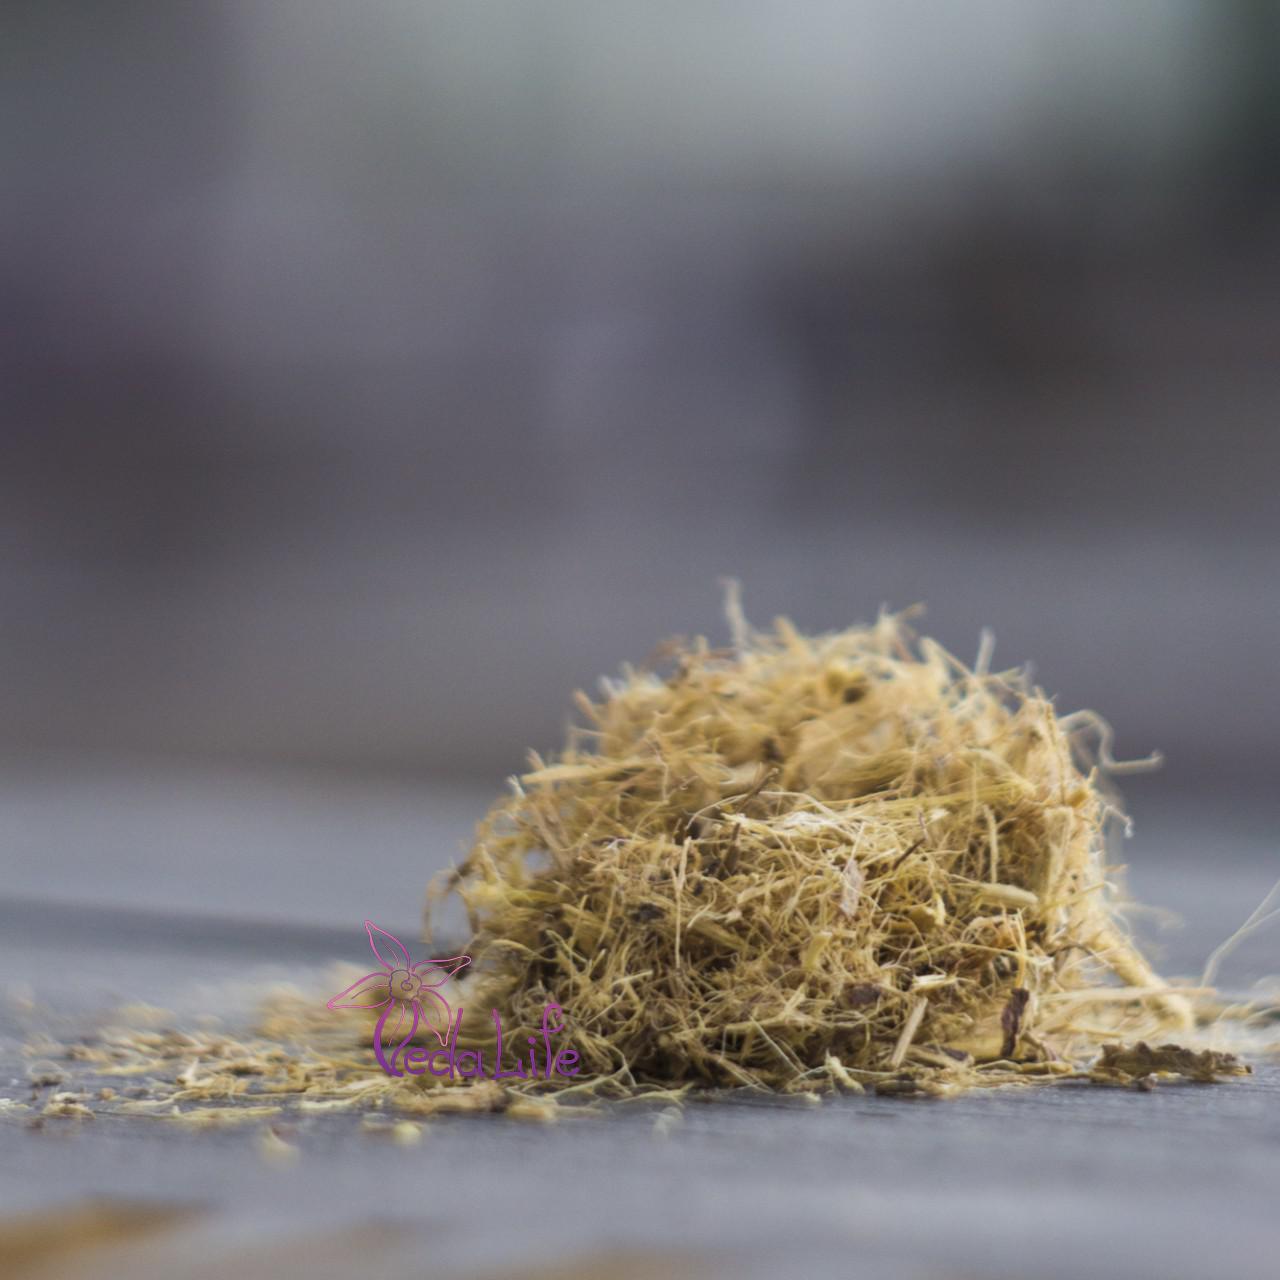 Солодка корень молотый. 25 грамм. Противопростудное, способствует мягкому отхождению мокроты.